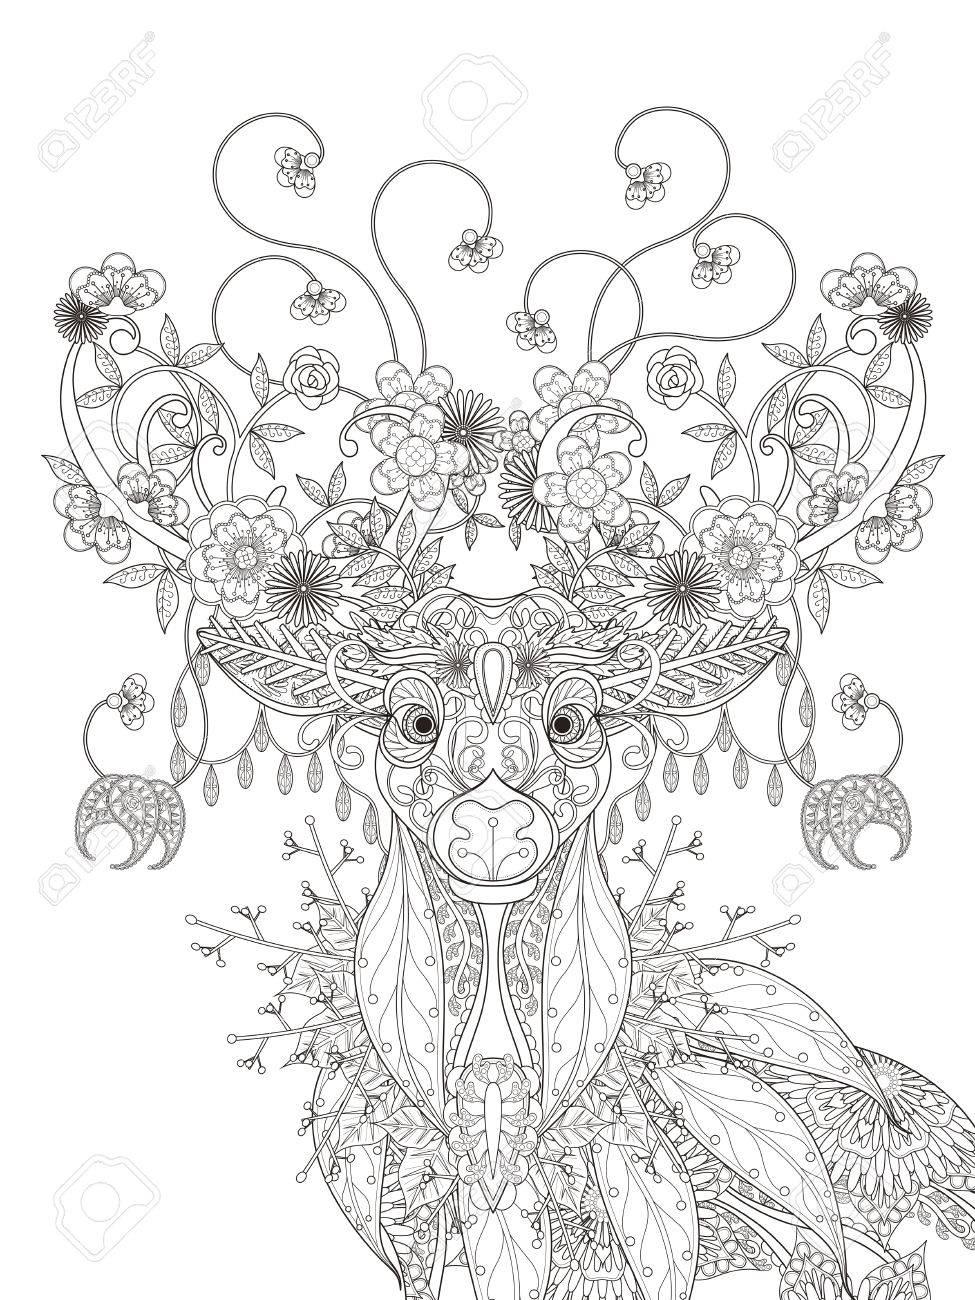 大人ぬりえページ 抽象的な魅力的な花鹿のイラスト素材ベクタ